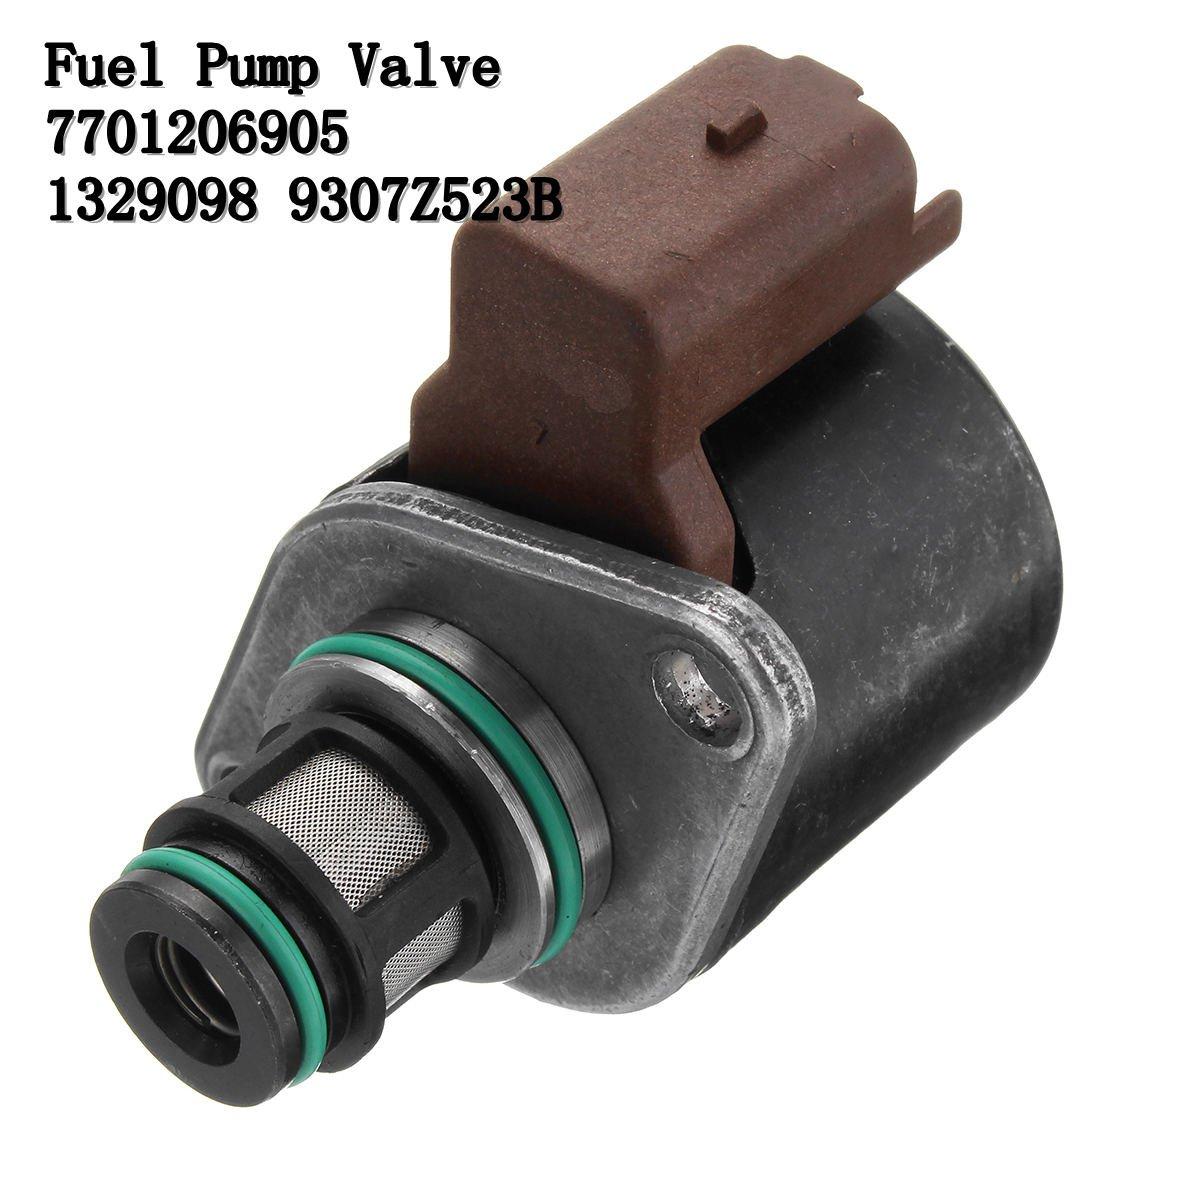 7701206905 топливный насос Впускной Дозирующий клапан IMV регулятор давления датчик для Ford для Citroen